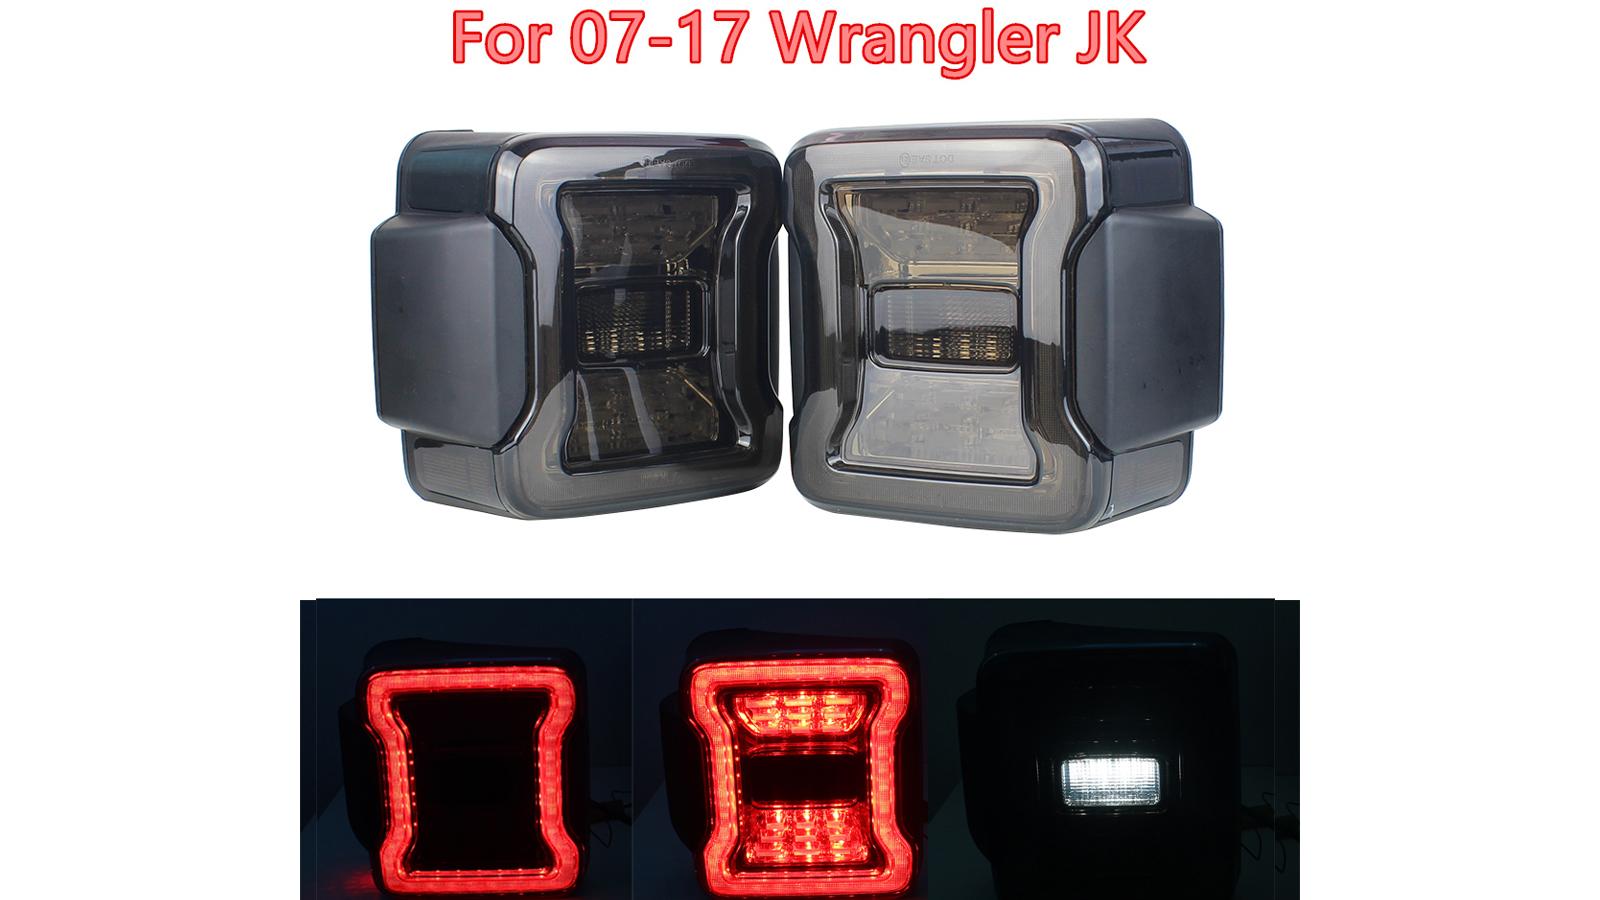 زوج المدخن الصمام الذيل أضواء الفرامل الخلفية مصابيح الذيل عكس ل 07-17 جيب رانجلر JK الولايات المتحدة الأمريكية